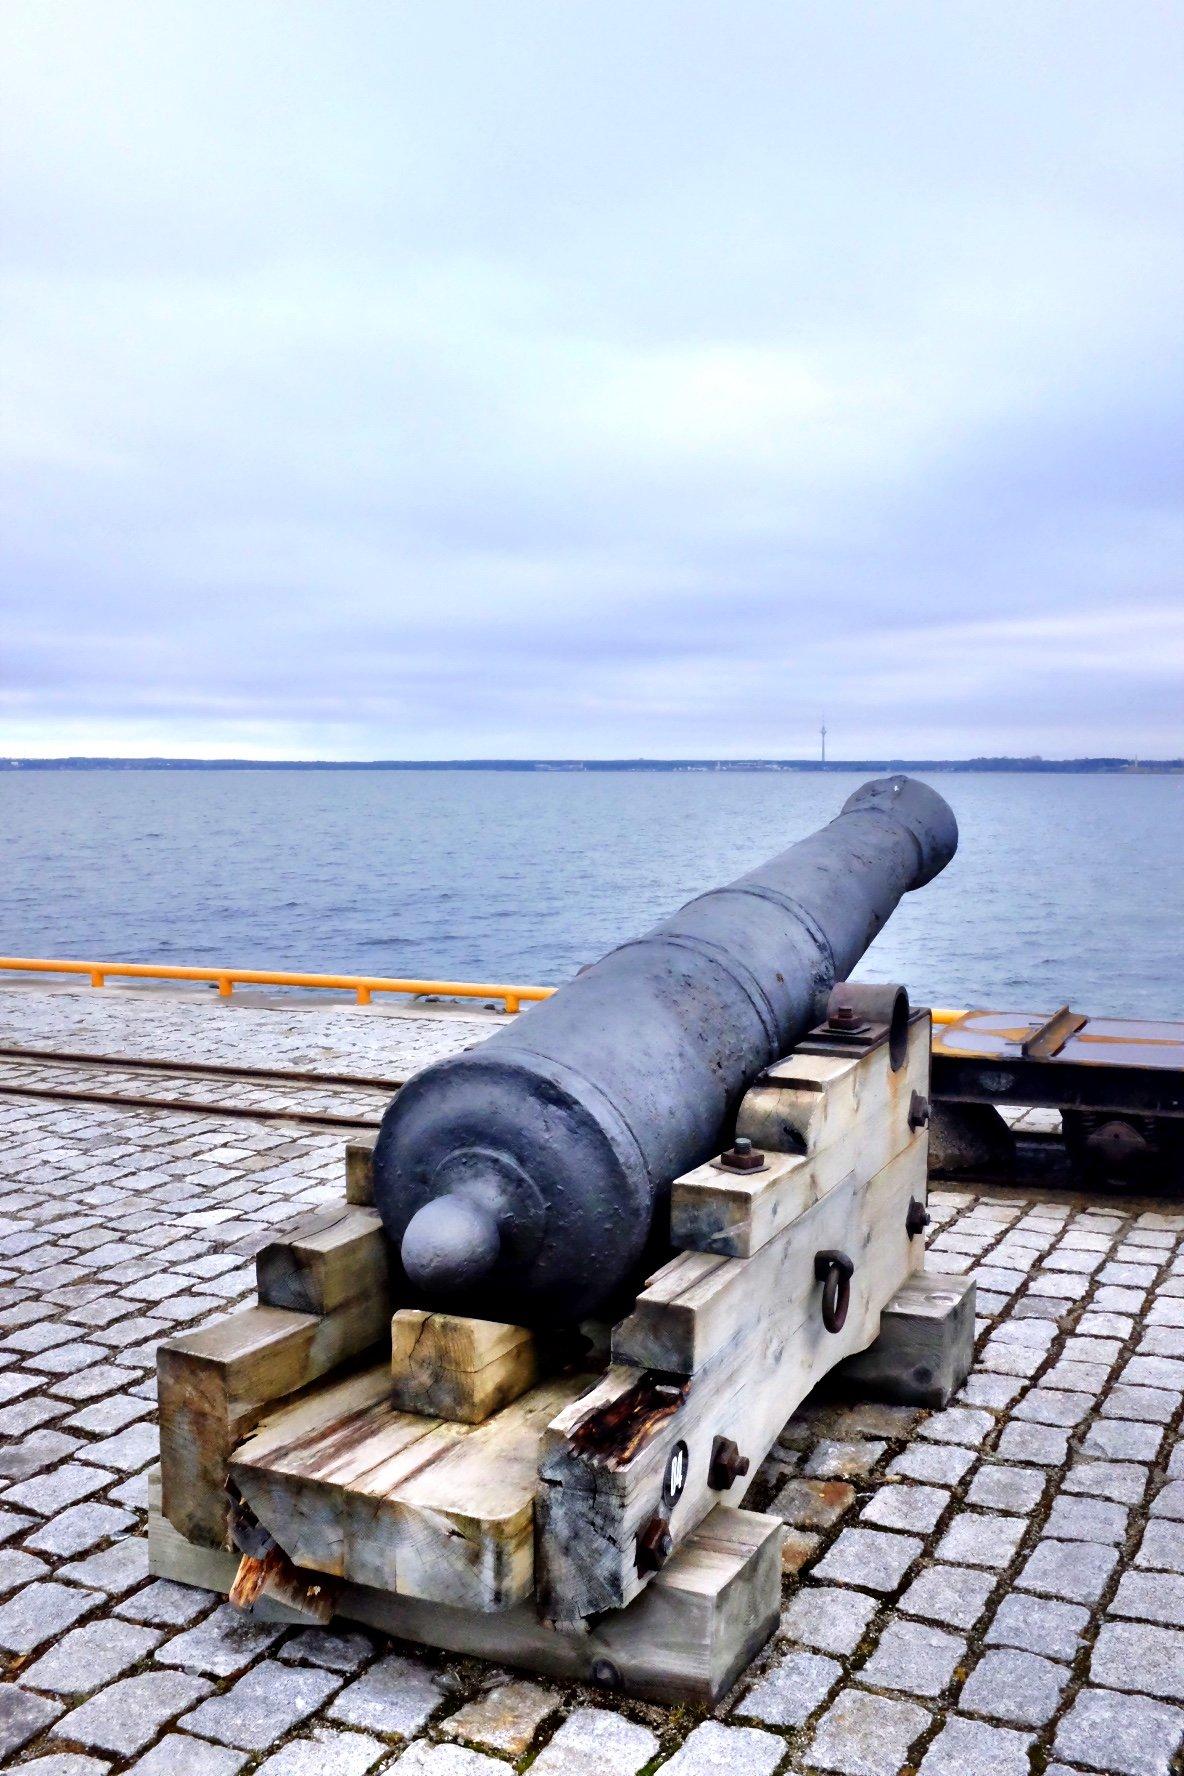 Cannon in front of sea in Tallinn